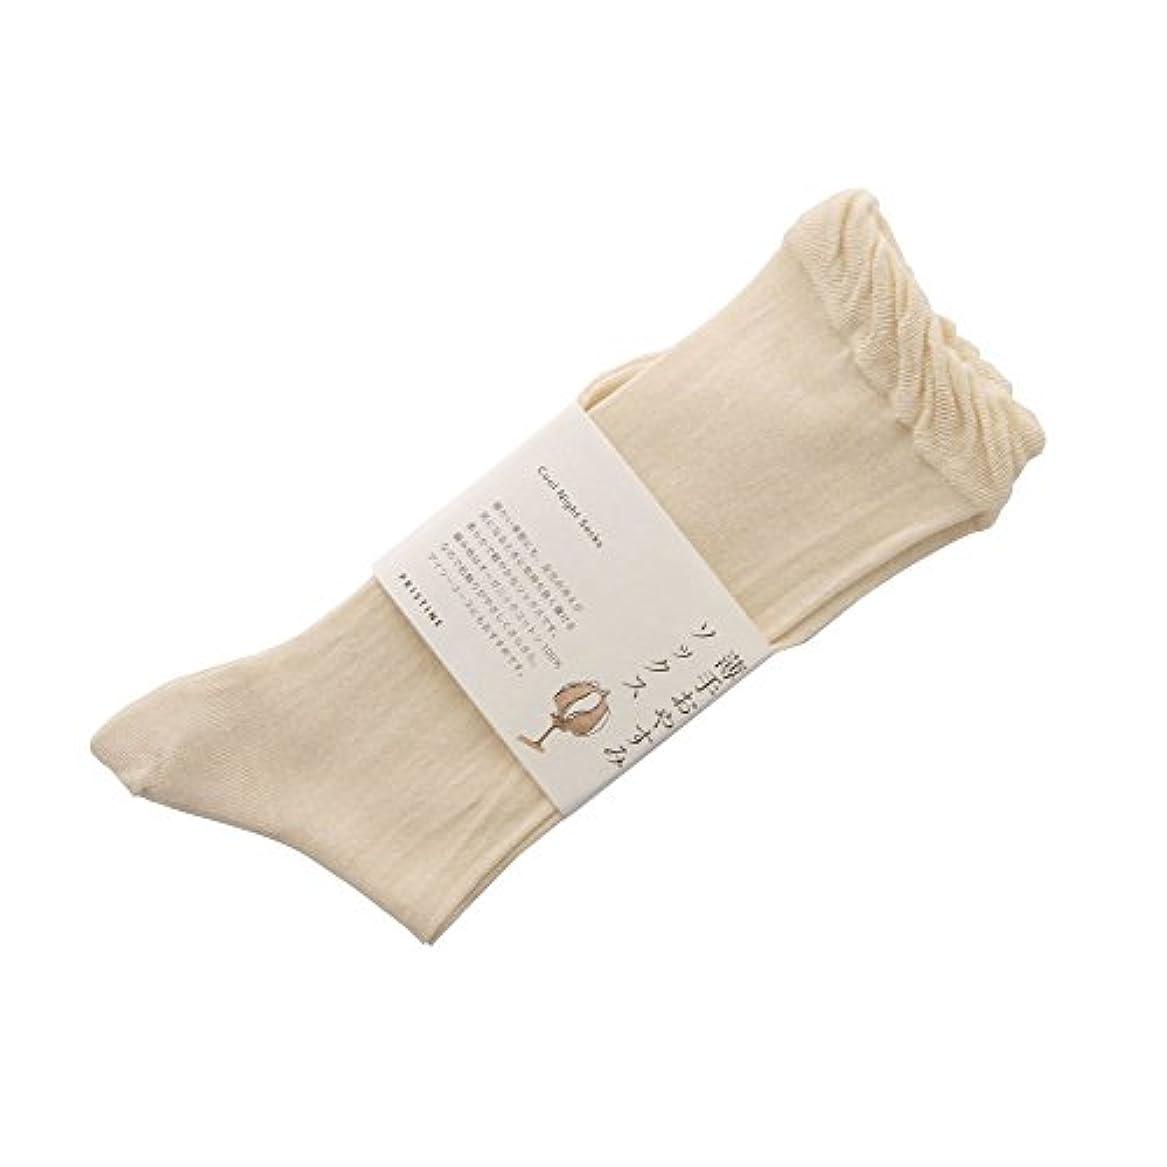 メッセンジャー固有の自分のために薄手おやすみソックス:オーガニックコットン100%:締め付けがなく繊細でやわかい!